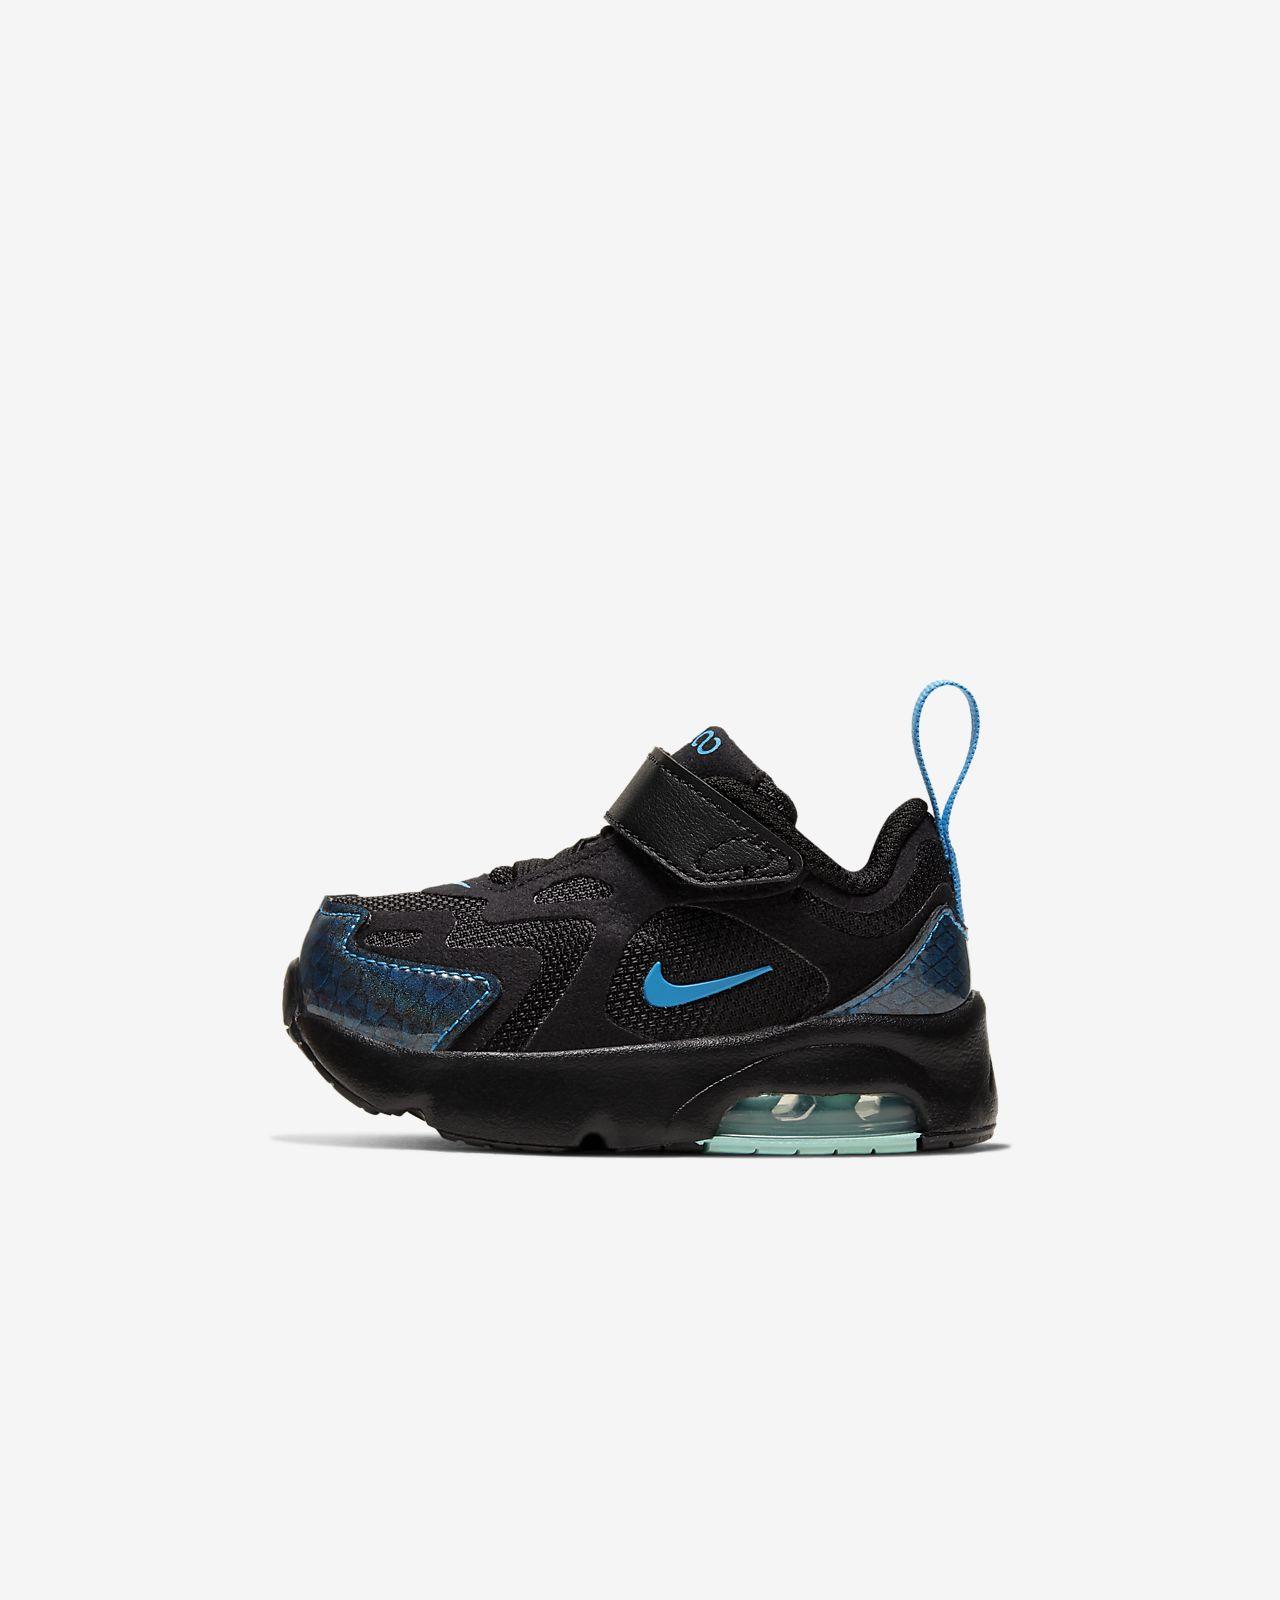 Chaussure Nike Air Max 200 pour BébéPetit enfant